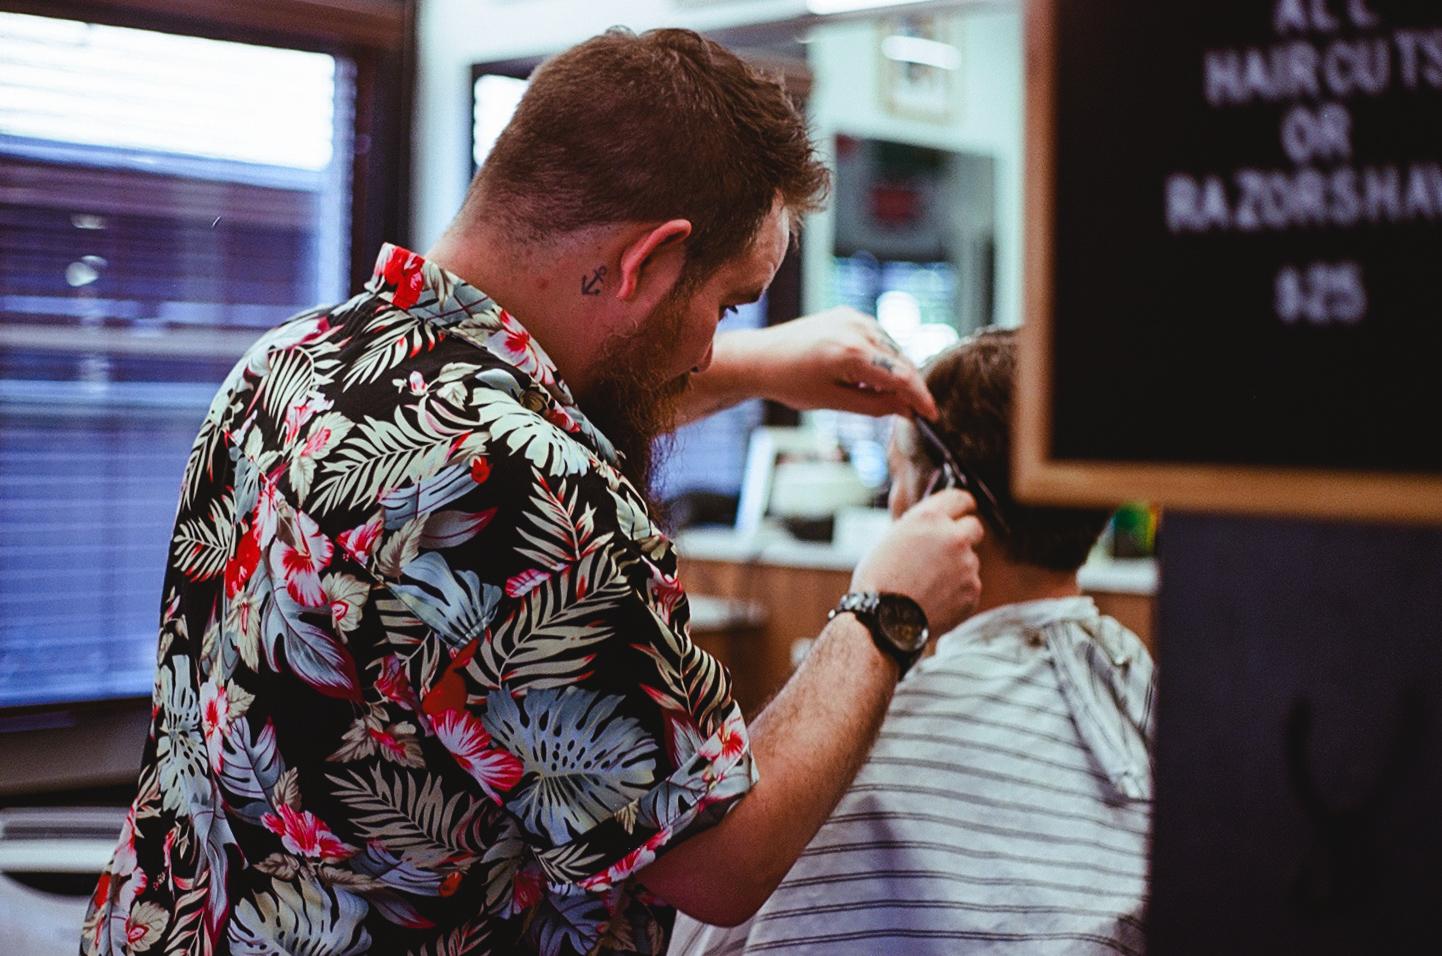 000018890030_lyles barbershop_20190517.jpg